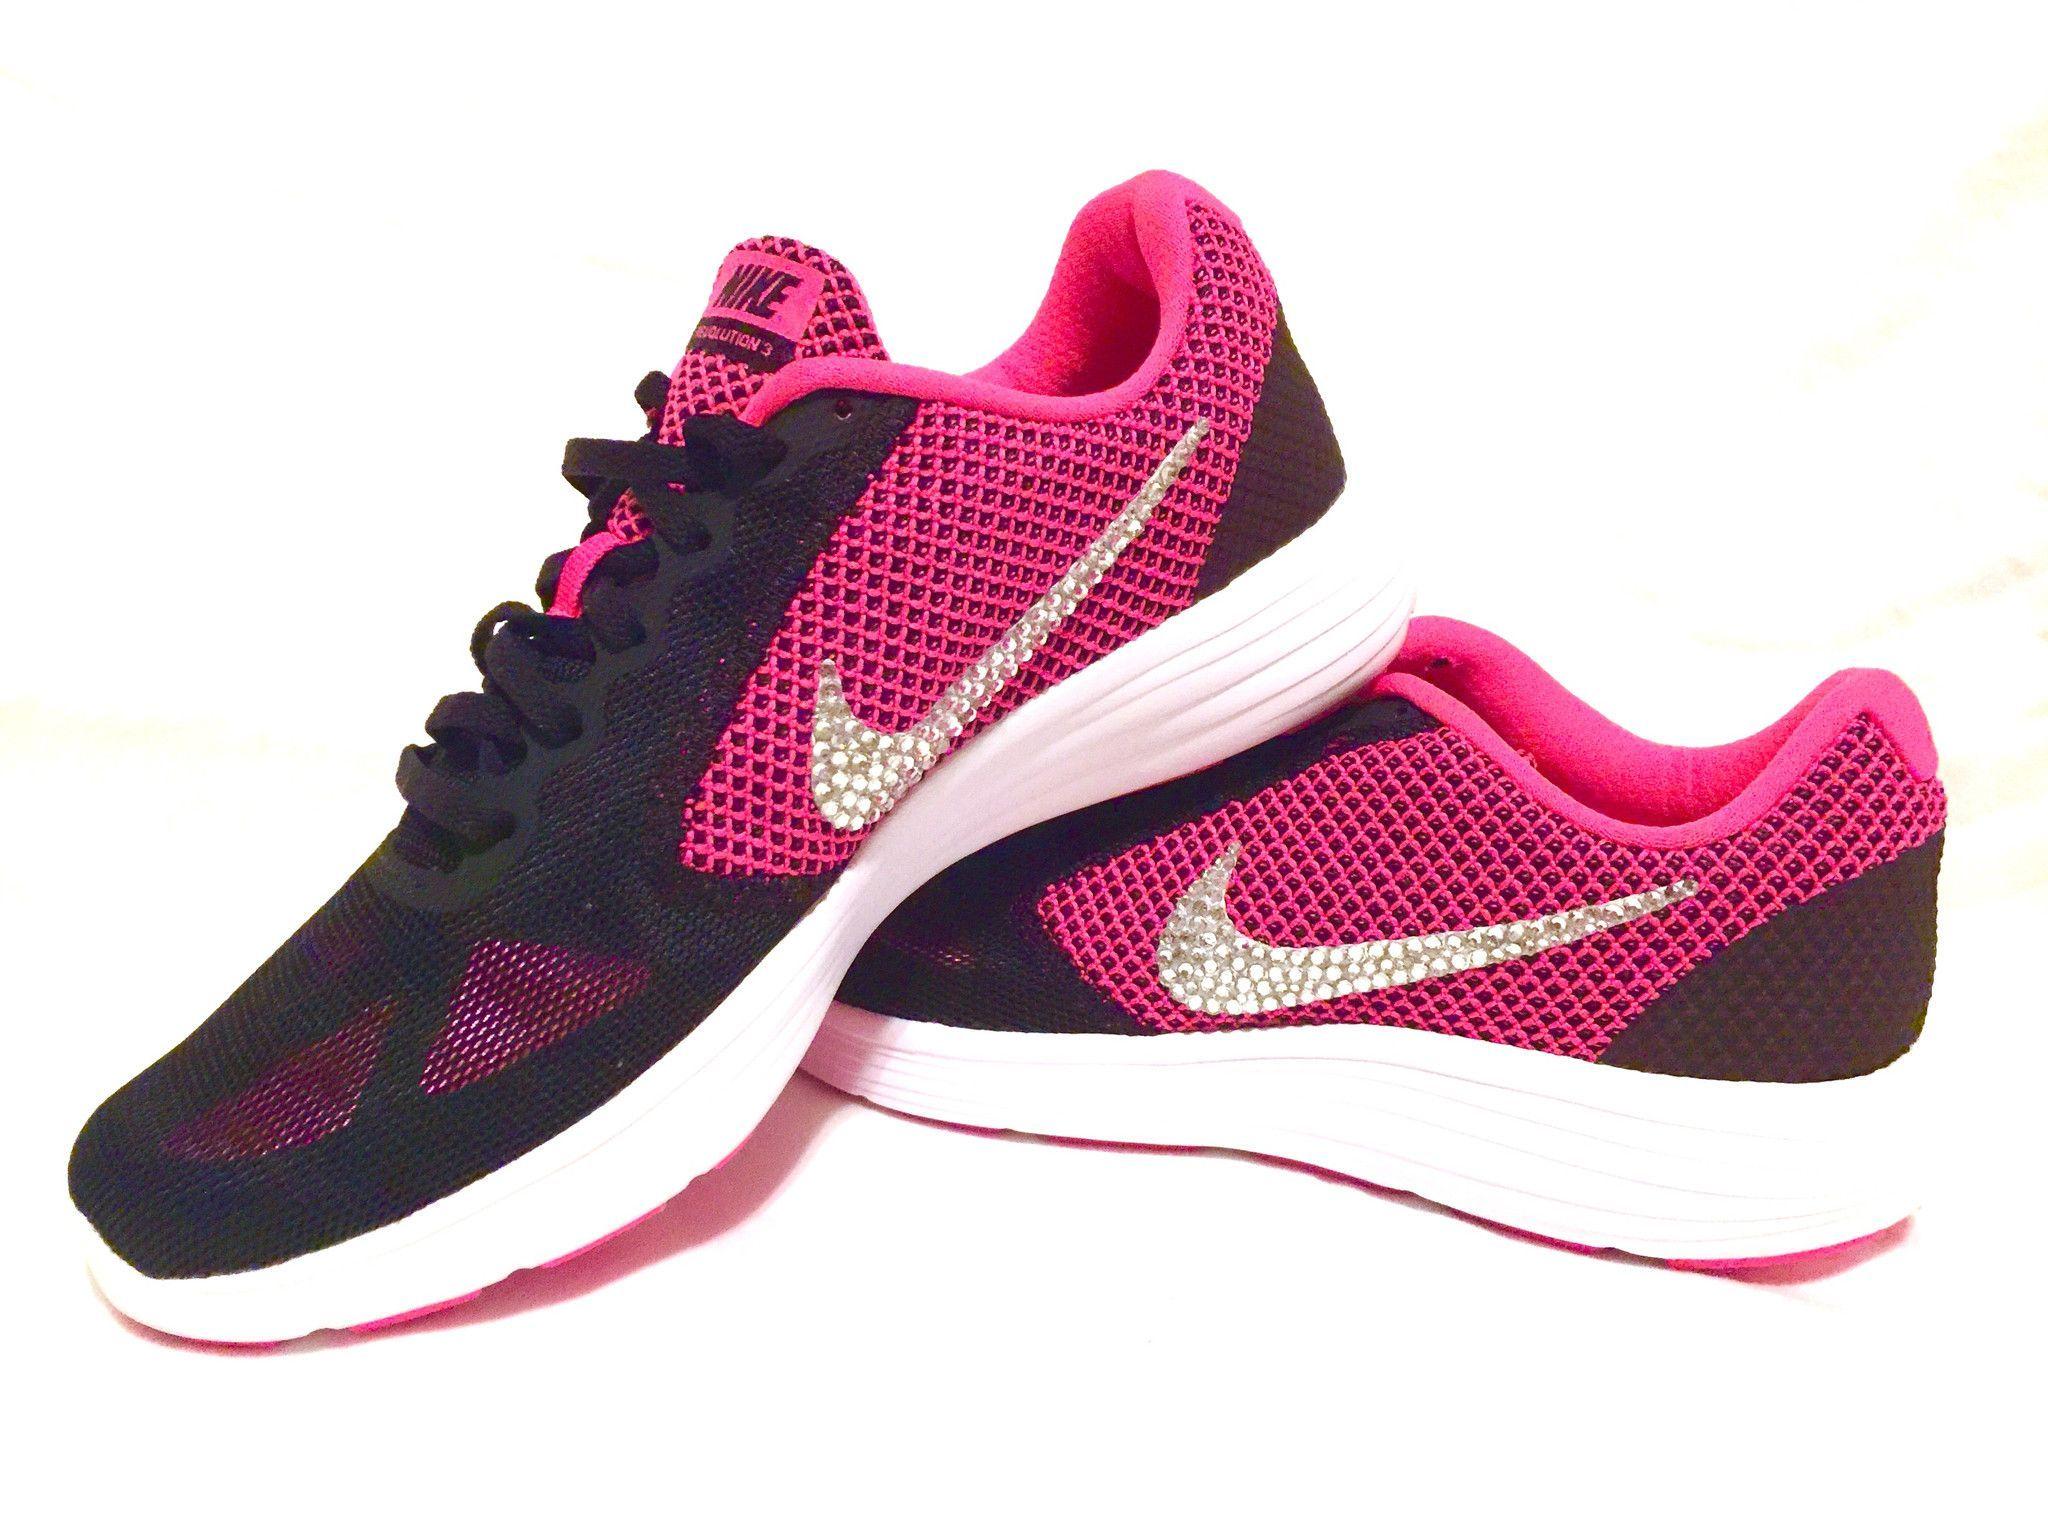 Custom Bling Womens Nike Revolution 3 Pink Black Swarovski Crystal Bling  Sneakers 11e4ee4b2